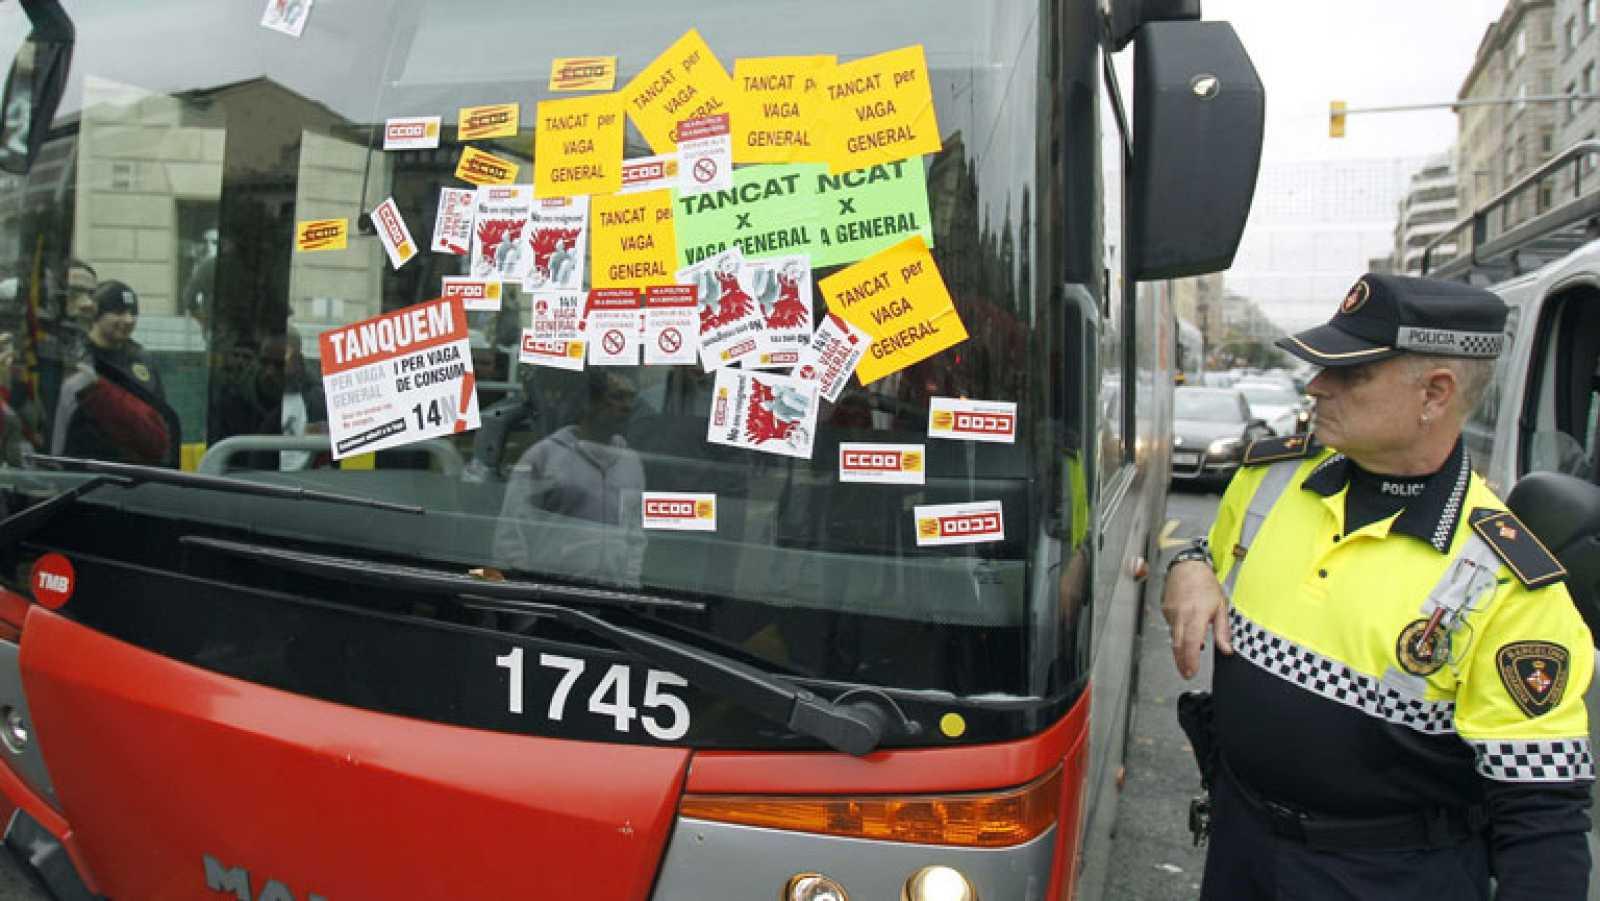 Según los sindicatos el seguimiento de la huelga en el transporte es superior al 90 por ciento